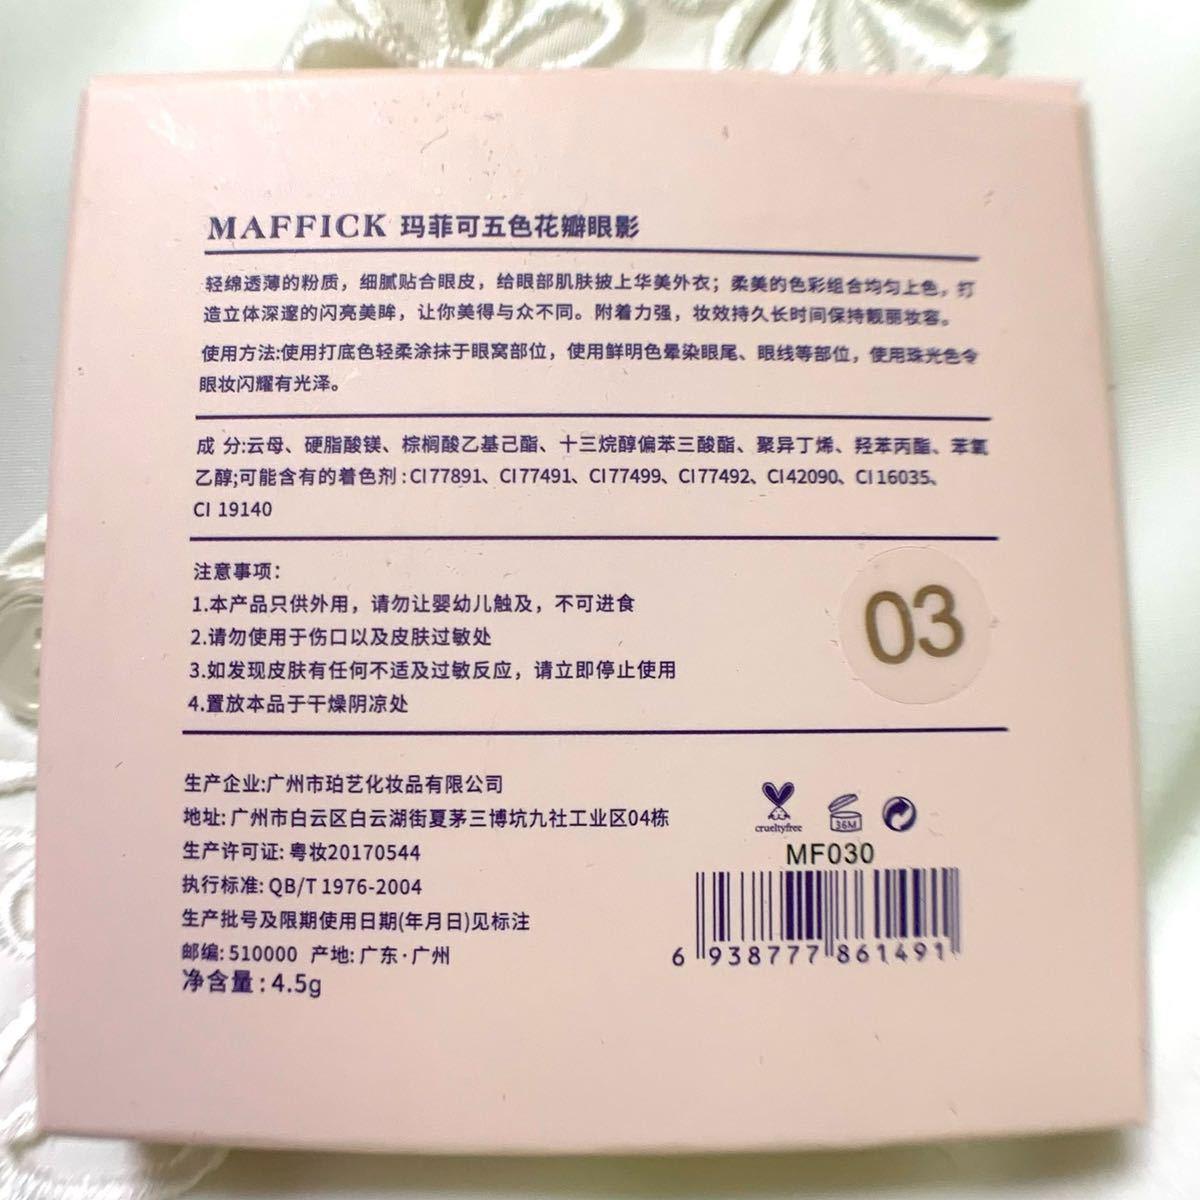 新品 未使用★MAFFICK アイシャドウパレット マット レッド ピンク オレンジ コーラル ワインレッド チーク / 中国 韓国コスメ ☆